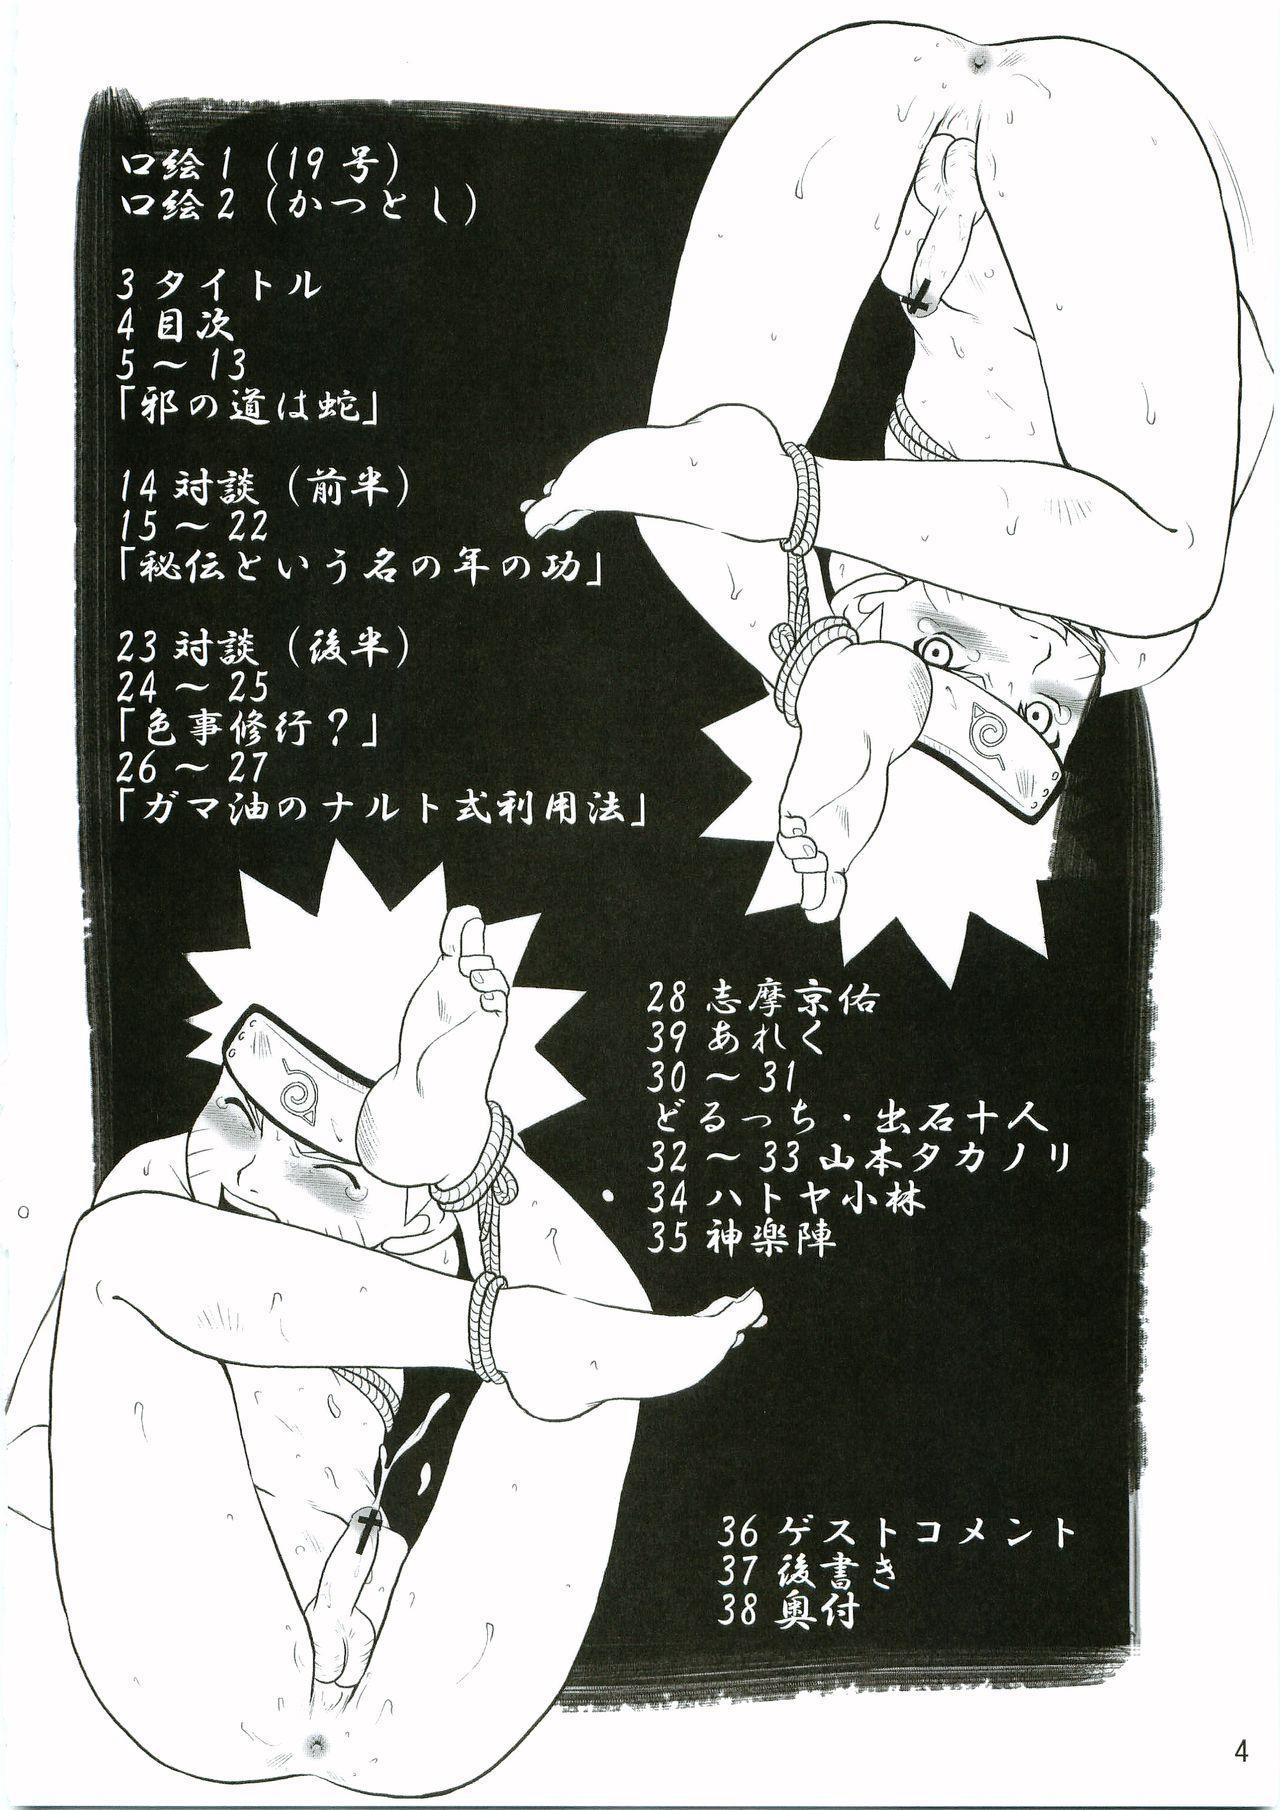 Shinobi no Kokoroe 4